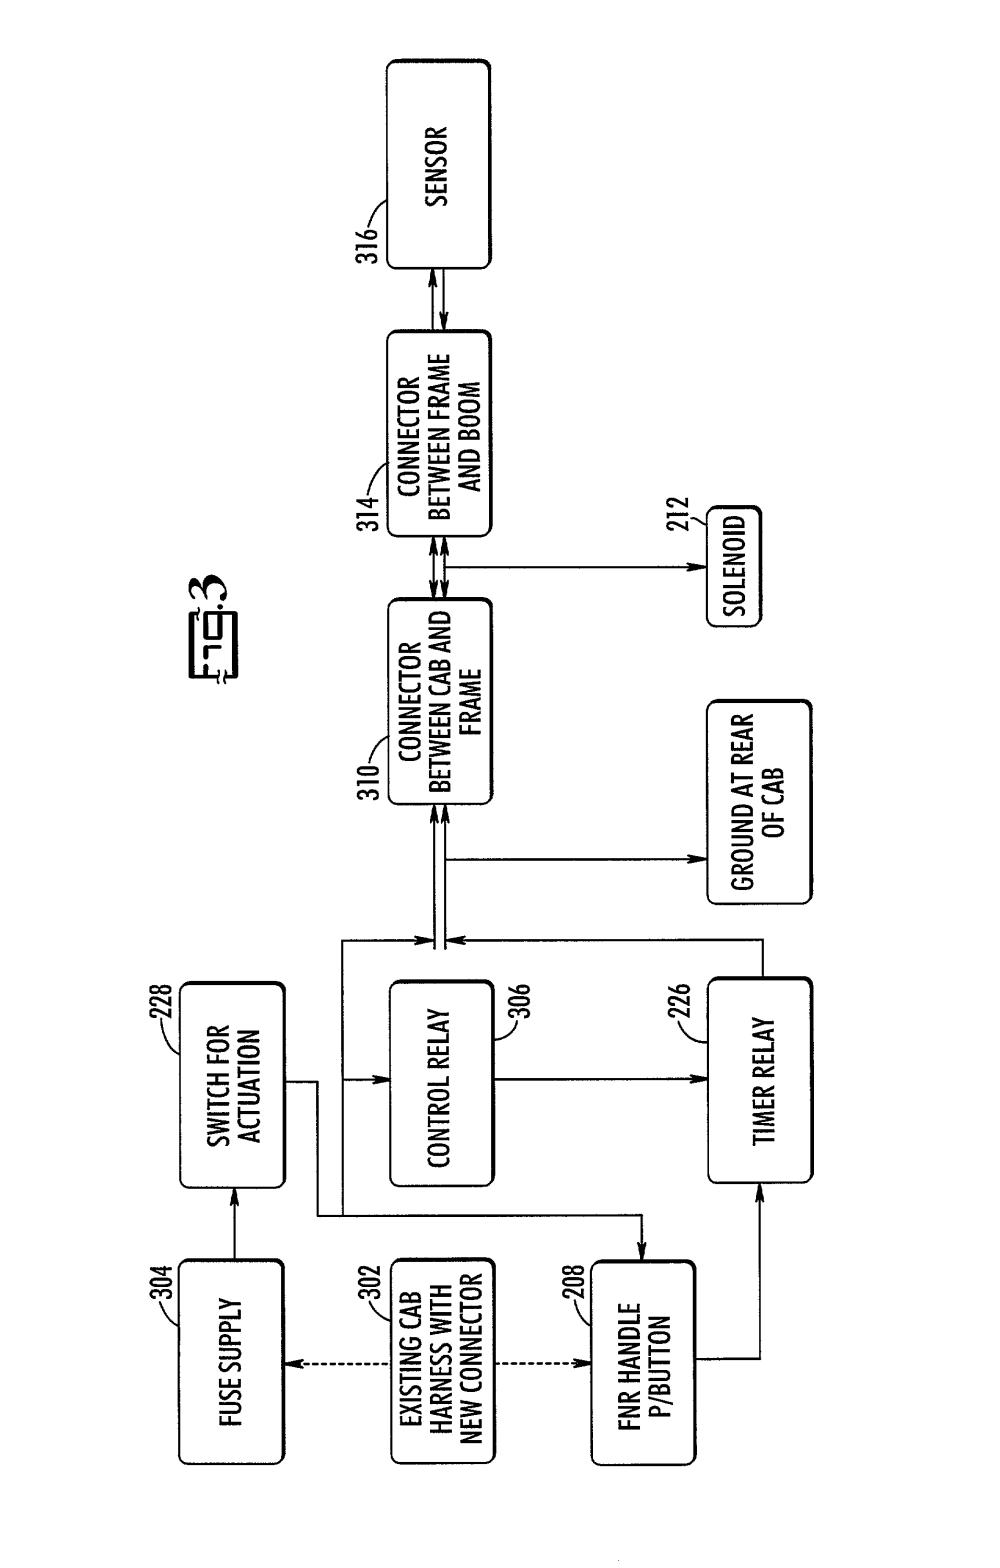 medium resolution of yamaha majesty wiring diagram imageresizertool com yamaha 250 scooter yamaha x city 250